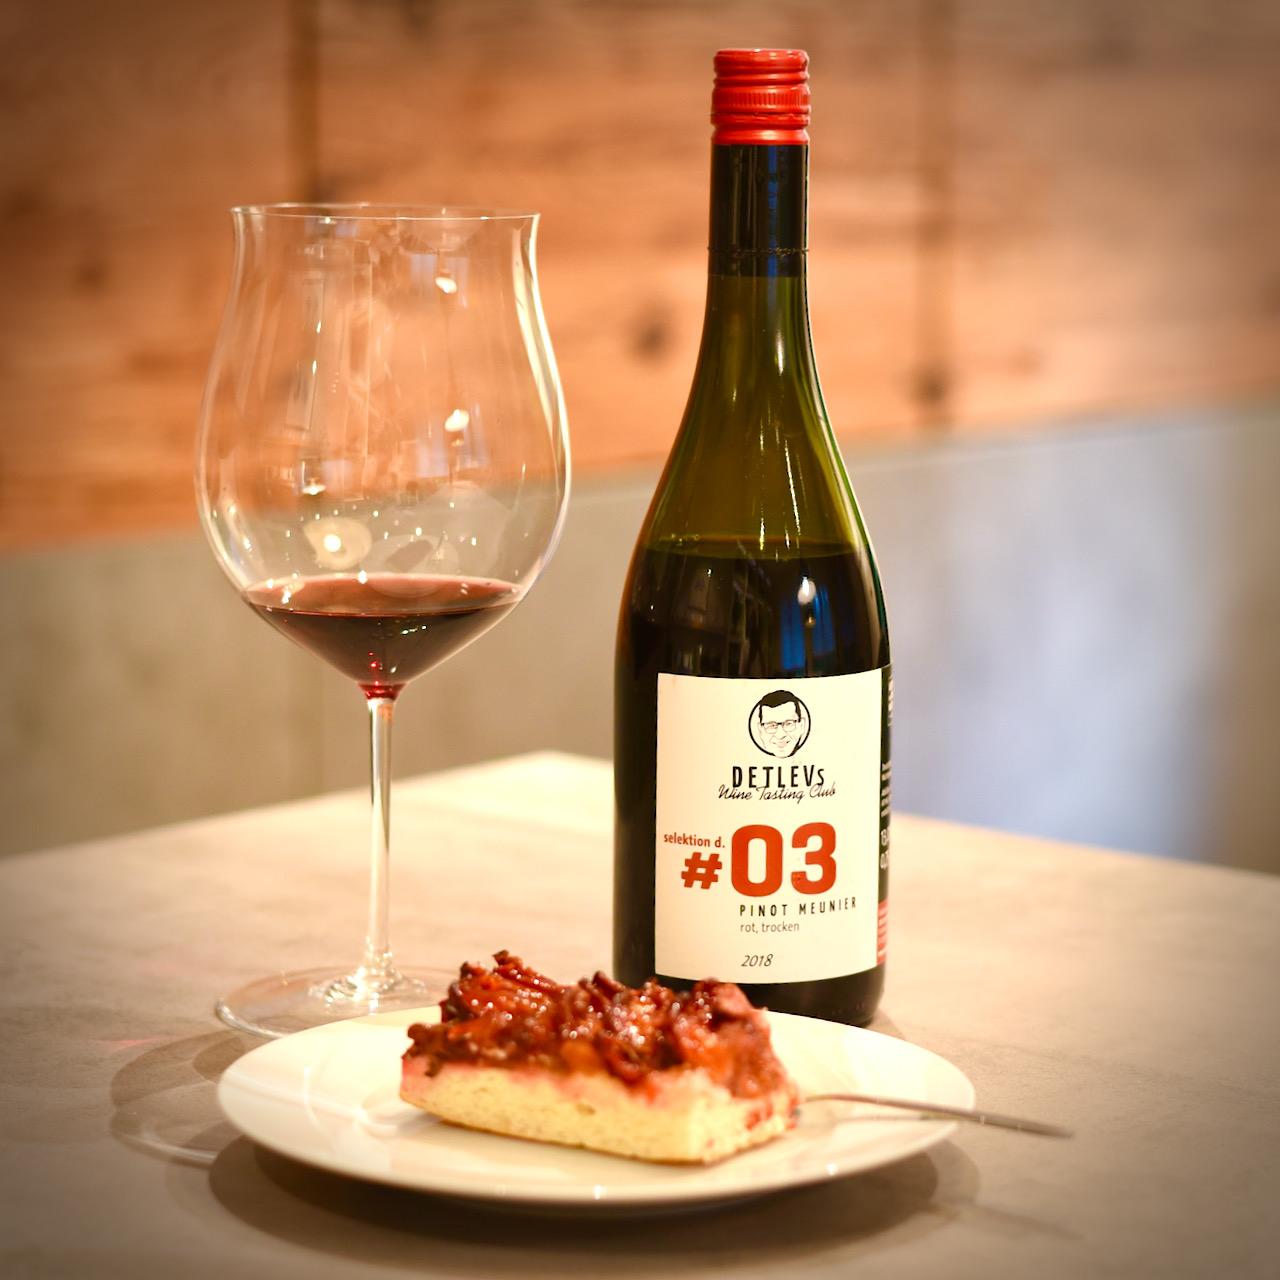 """DETLEVs """"selektion d."""" No. 03 Pinot Meunier, Alte Reben, rot, 2018"""